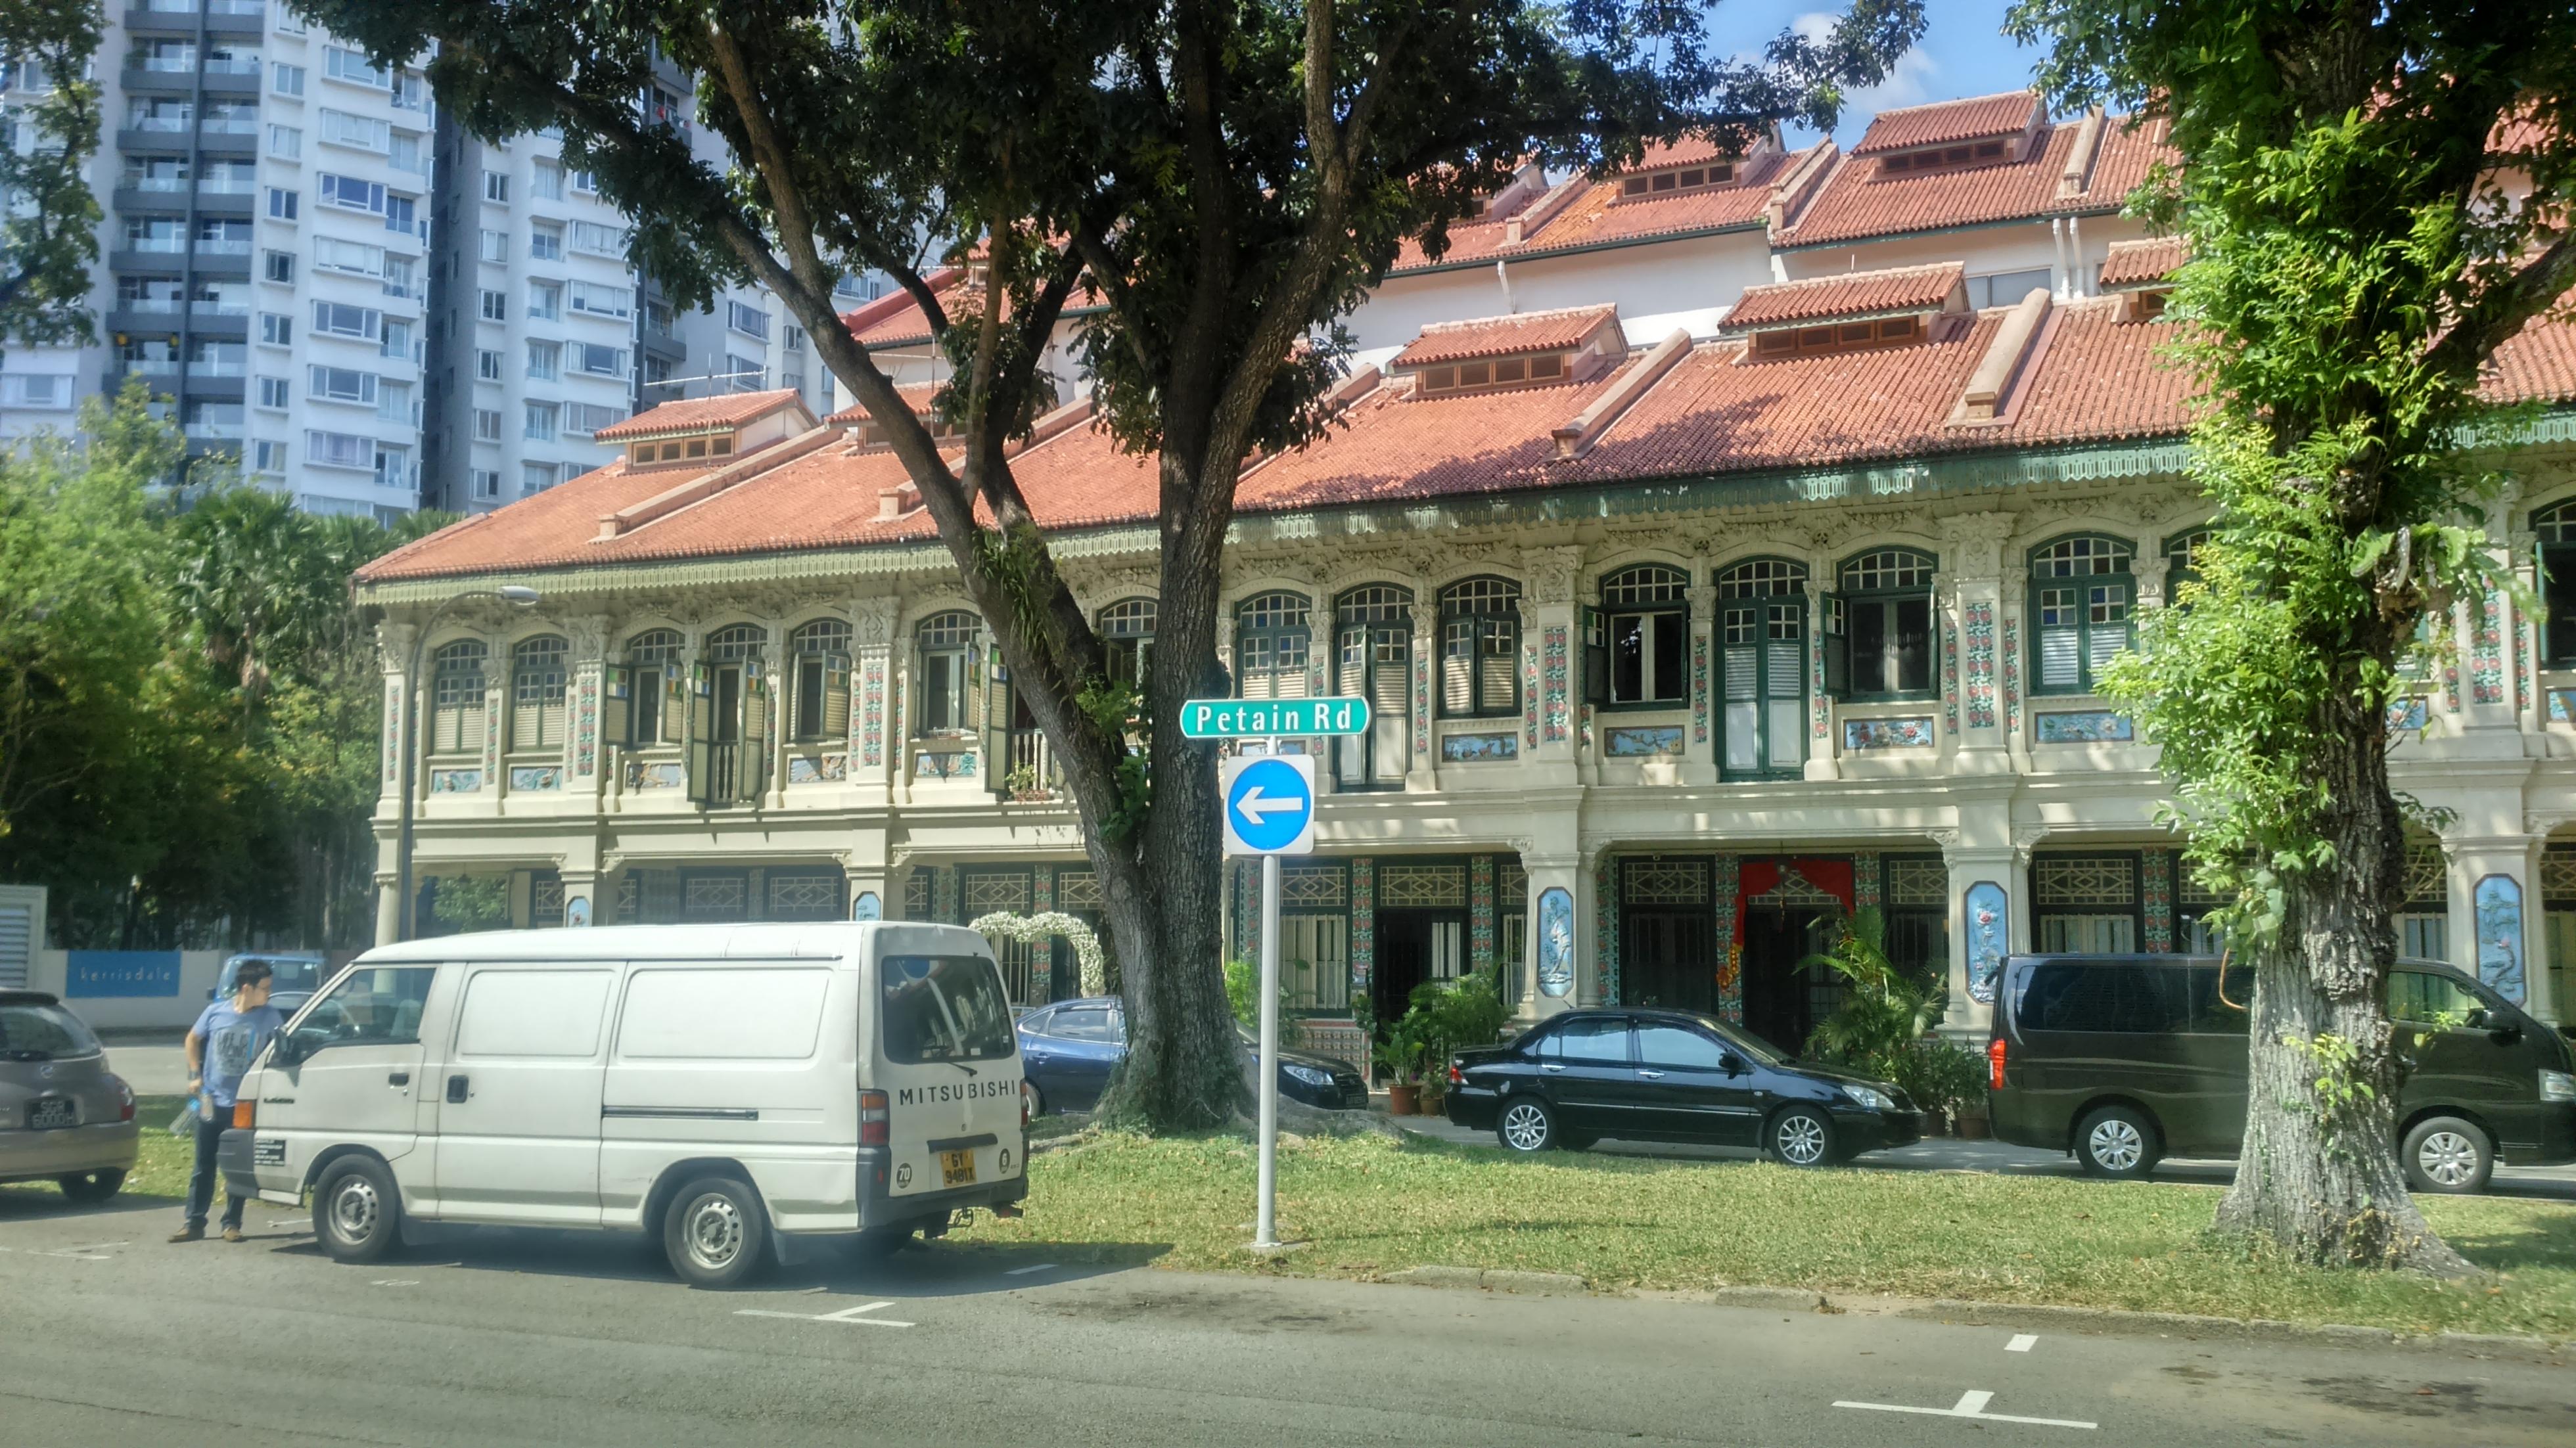 SEX ESCORT in Singapore